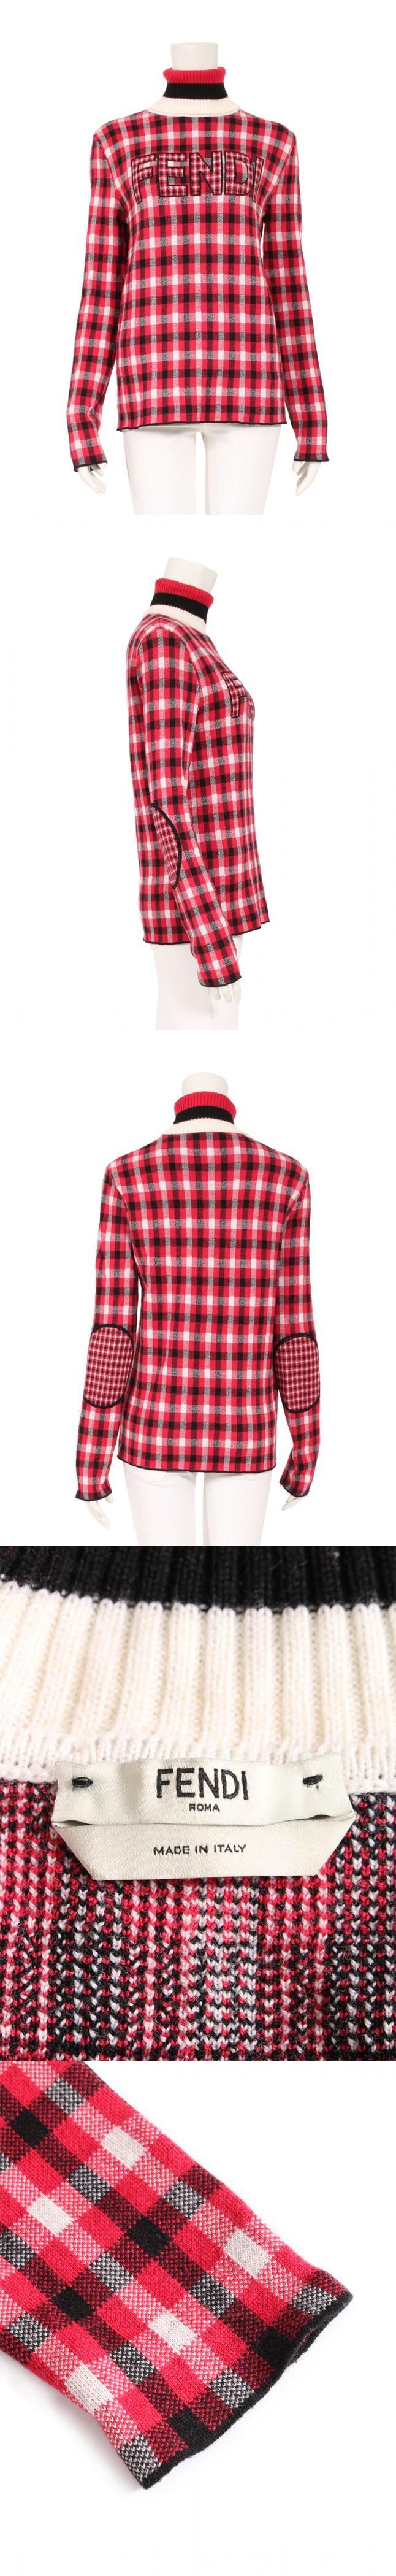 ニット セーター プルオーバー ロゴ 赤 黒 アイボリー 40 トップス 長袖 タートルネック チェック S FAE144 ウール